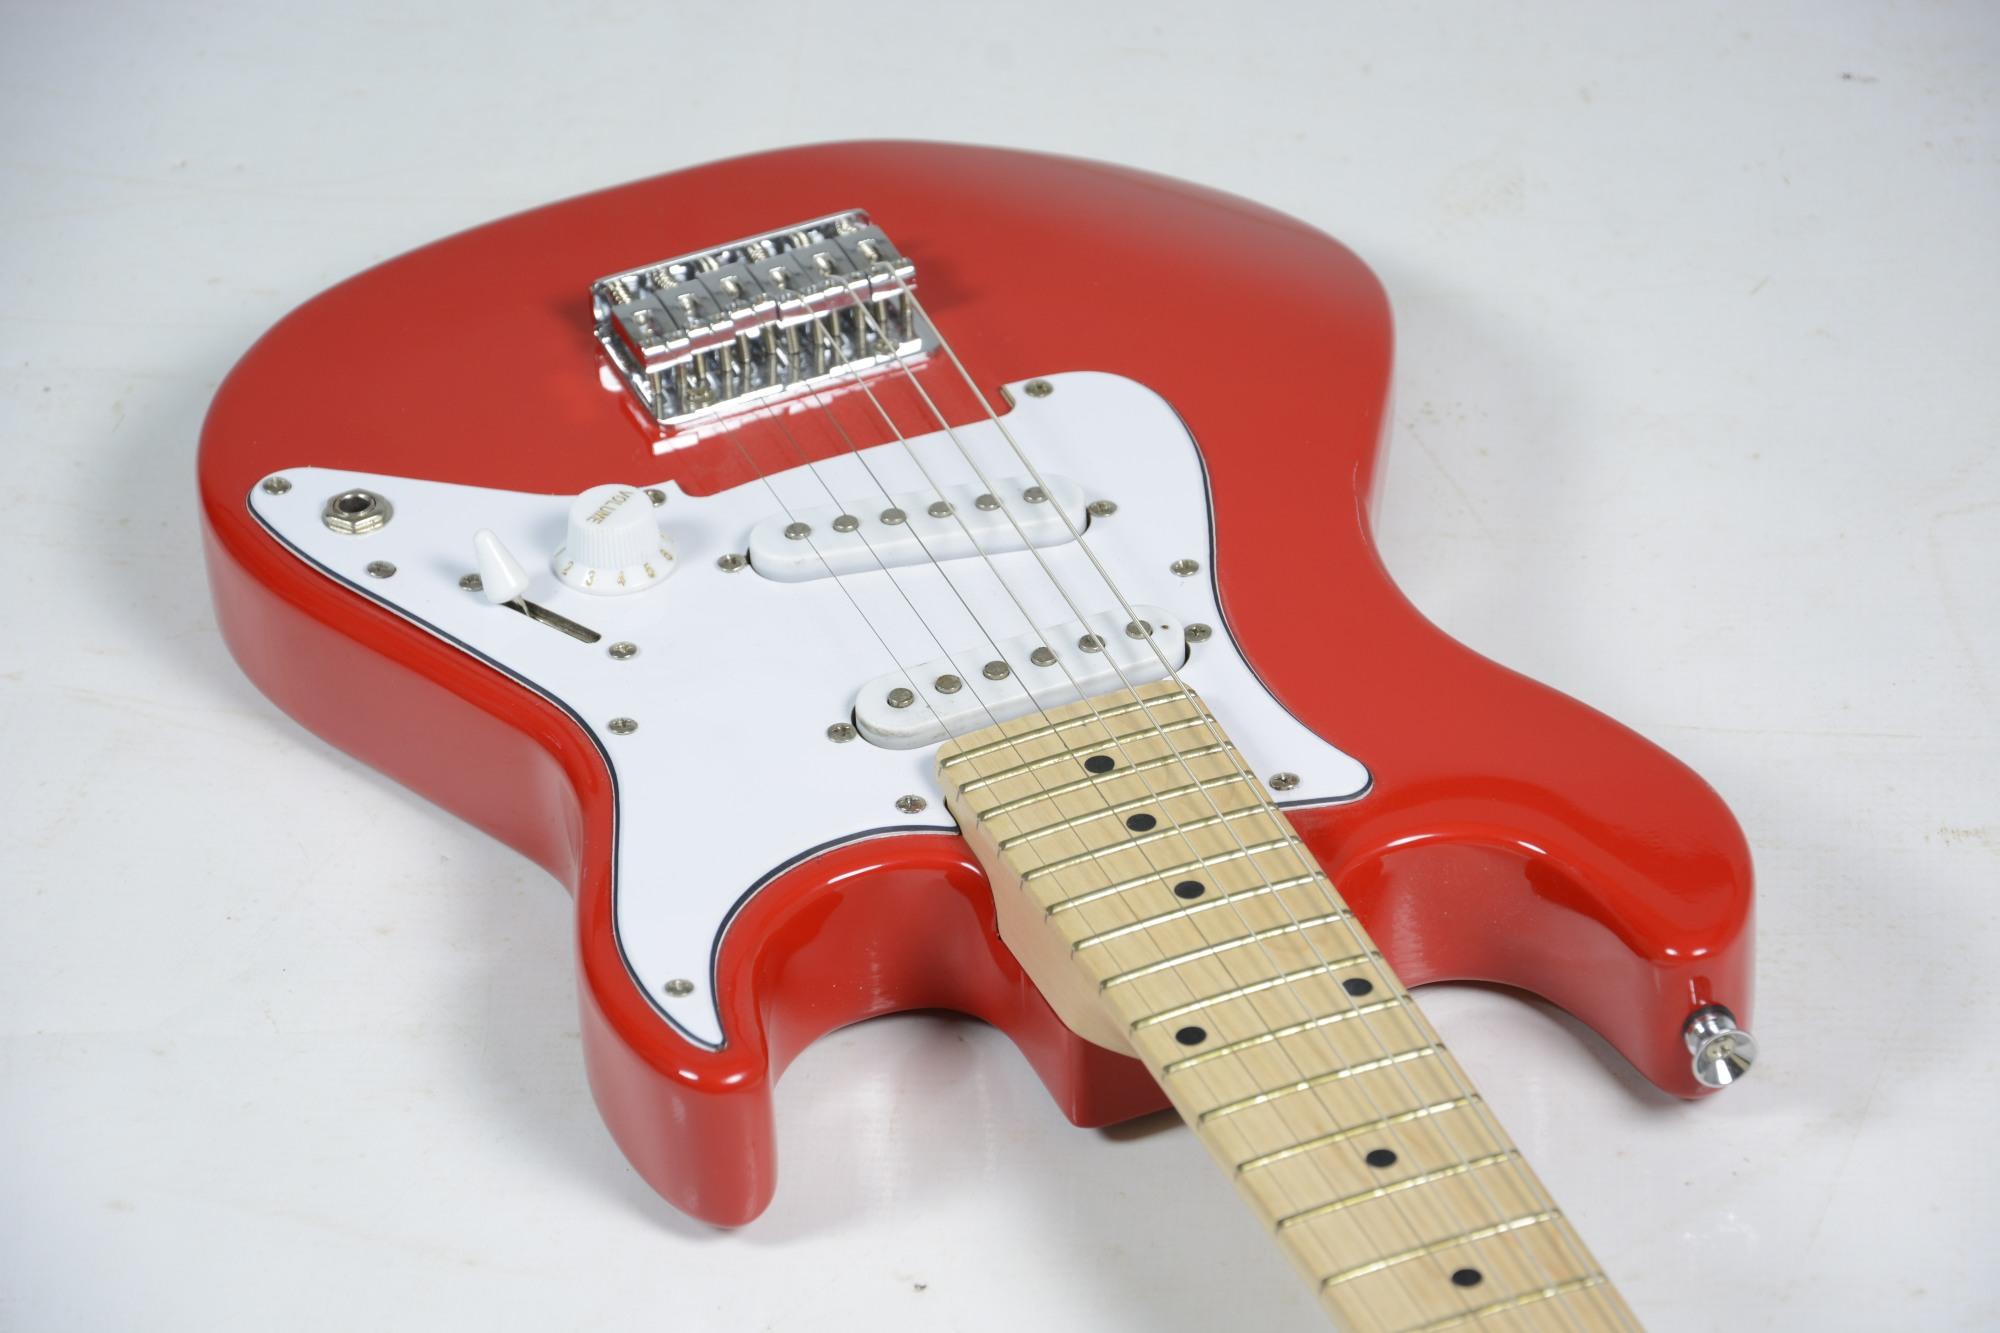 Guitarra Class Infantil Clk10 Rd